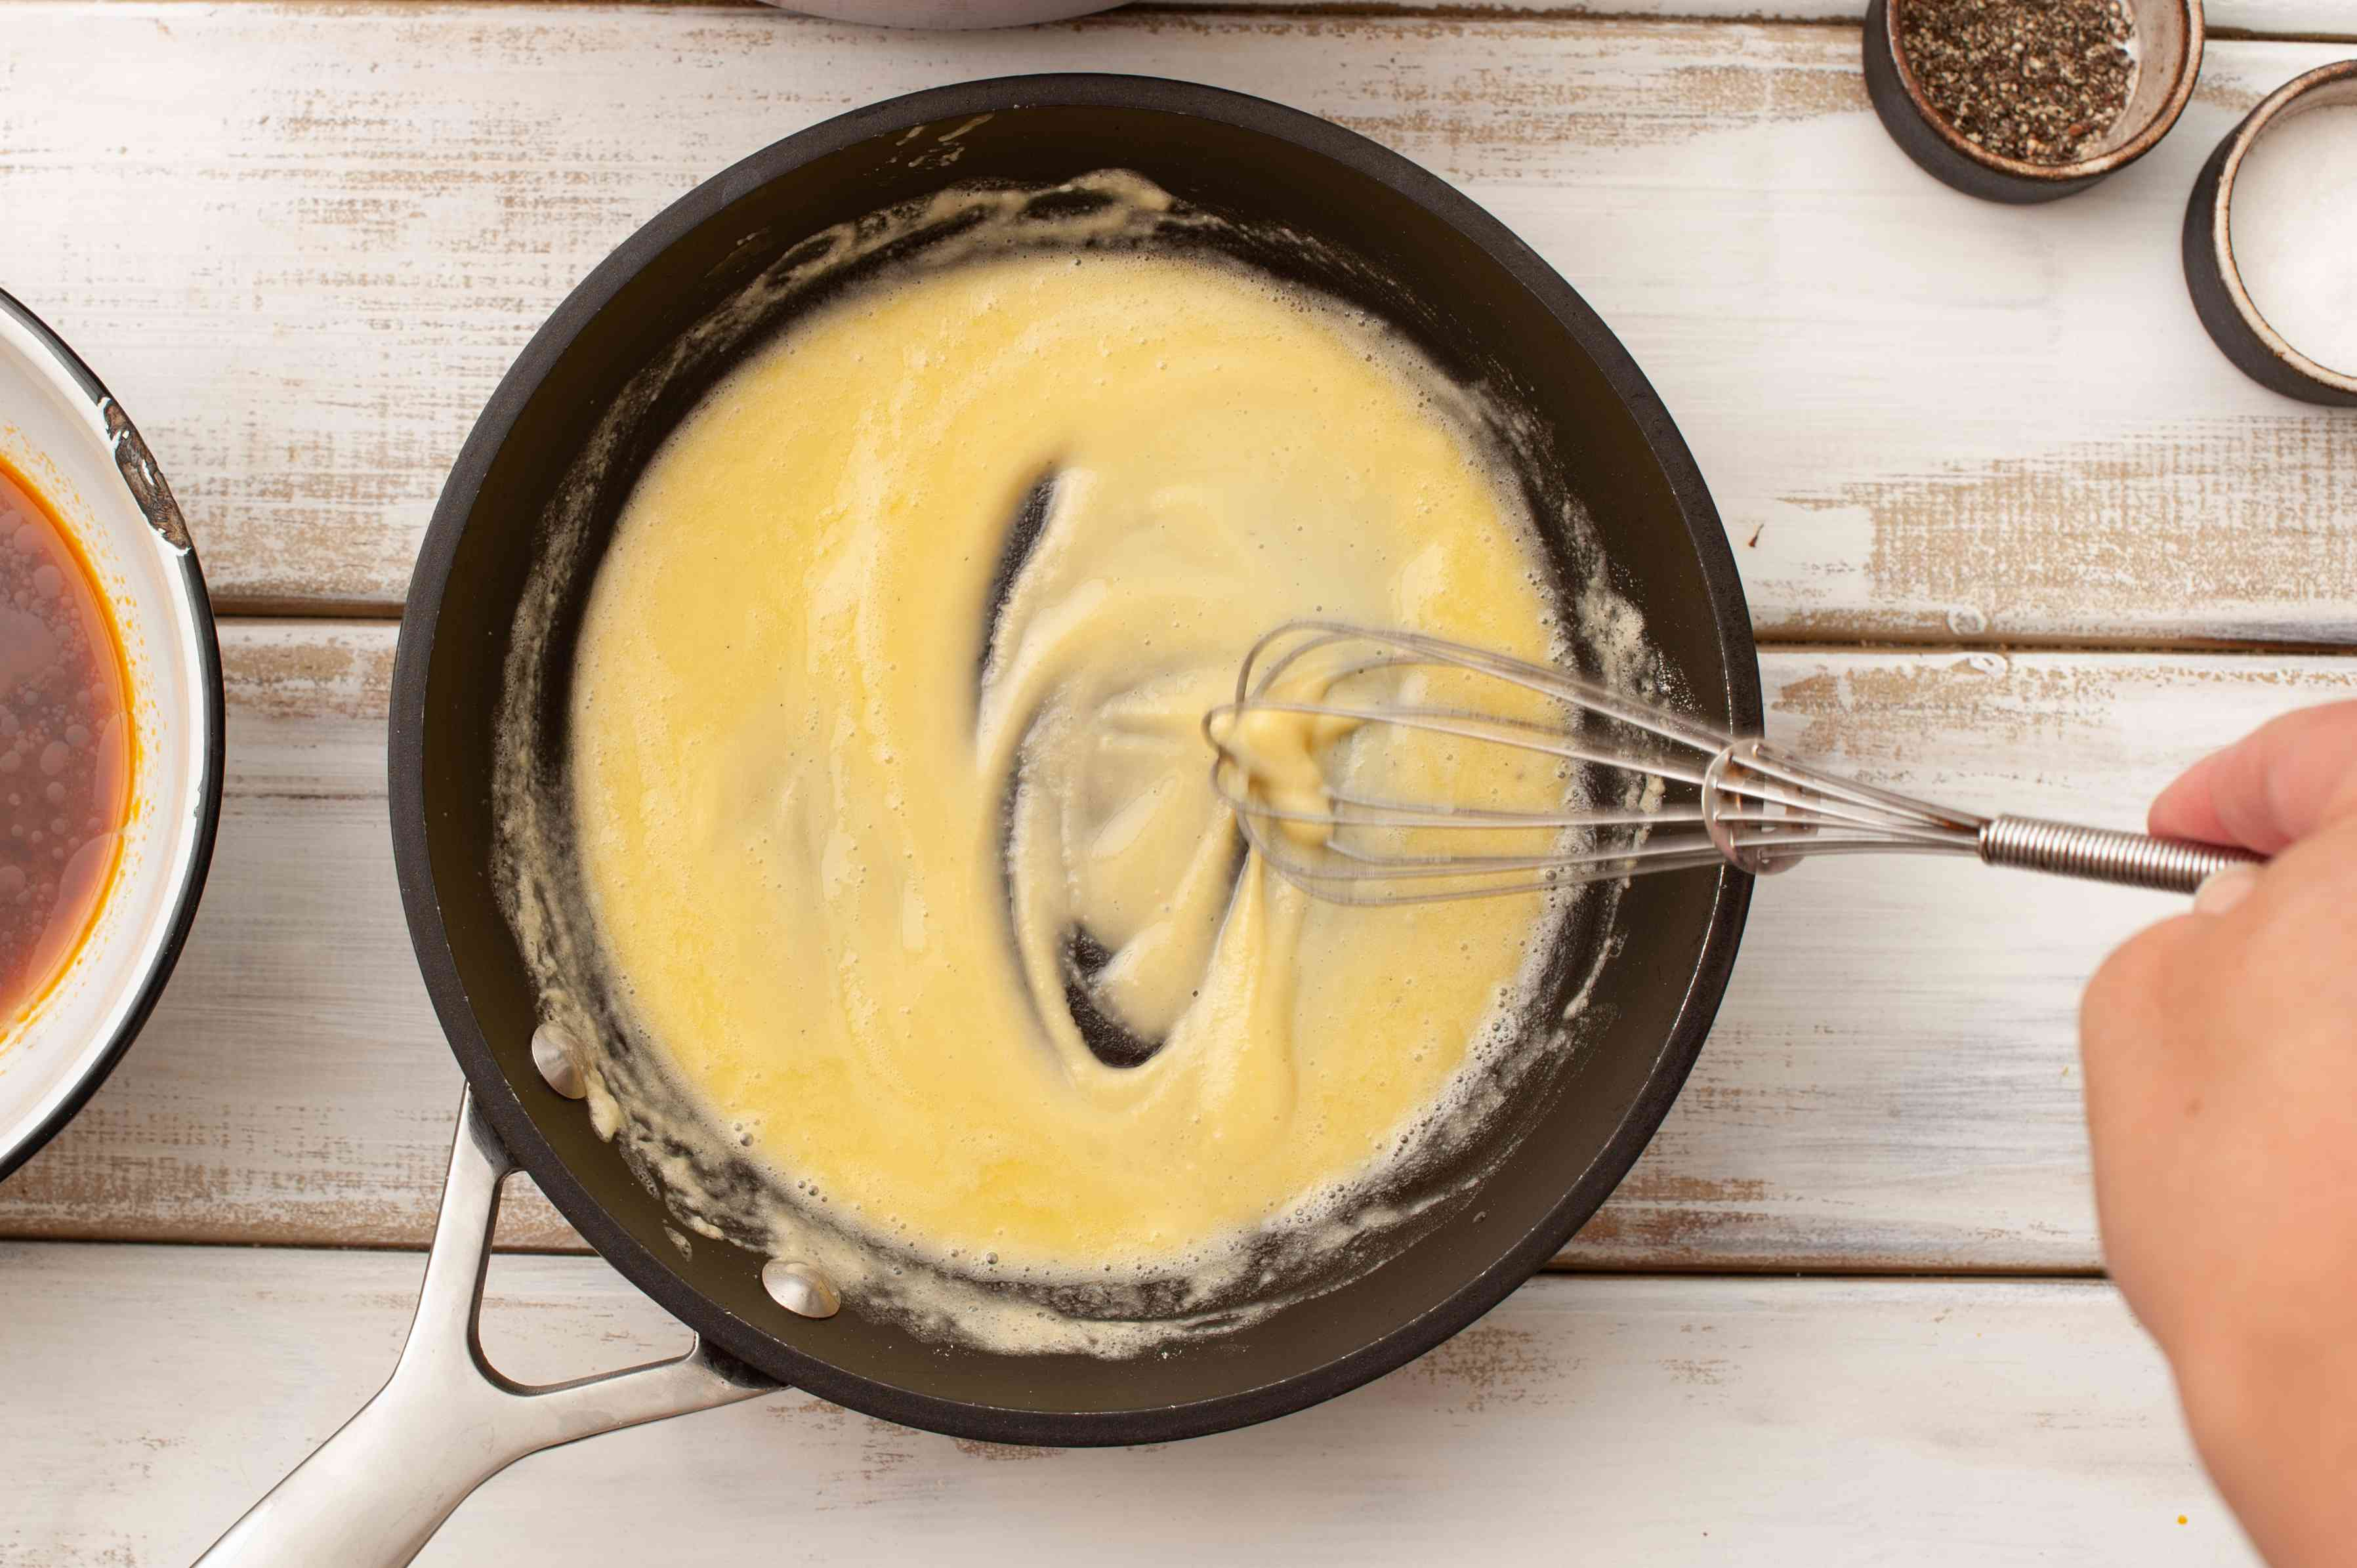 Stir butter